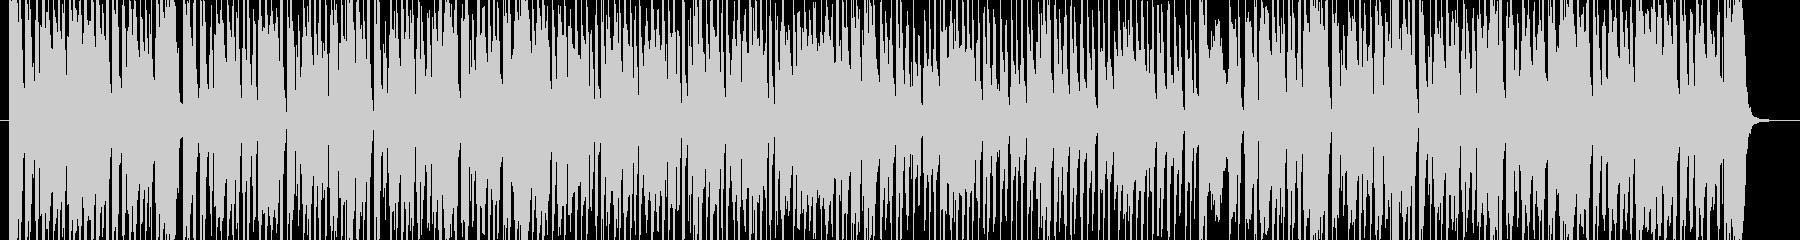 ピアノがスタイリッシュなBGMの未再生の波形